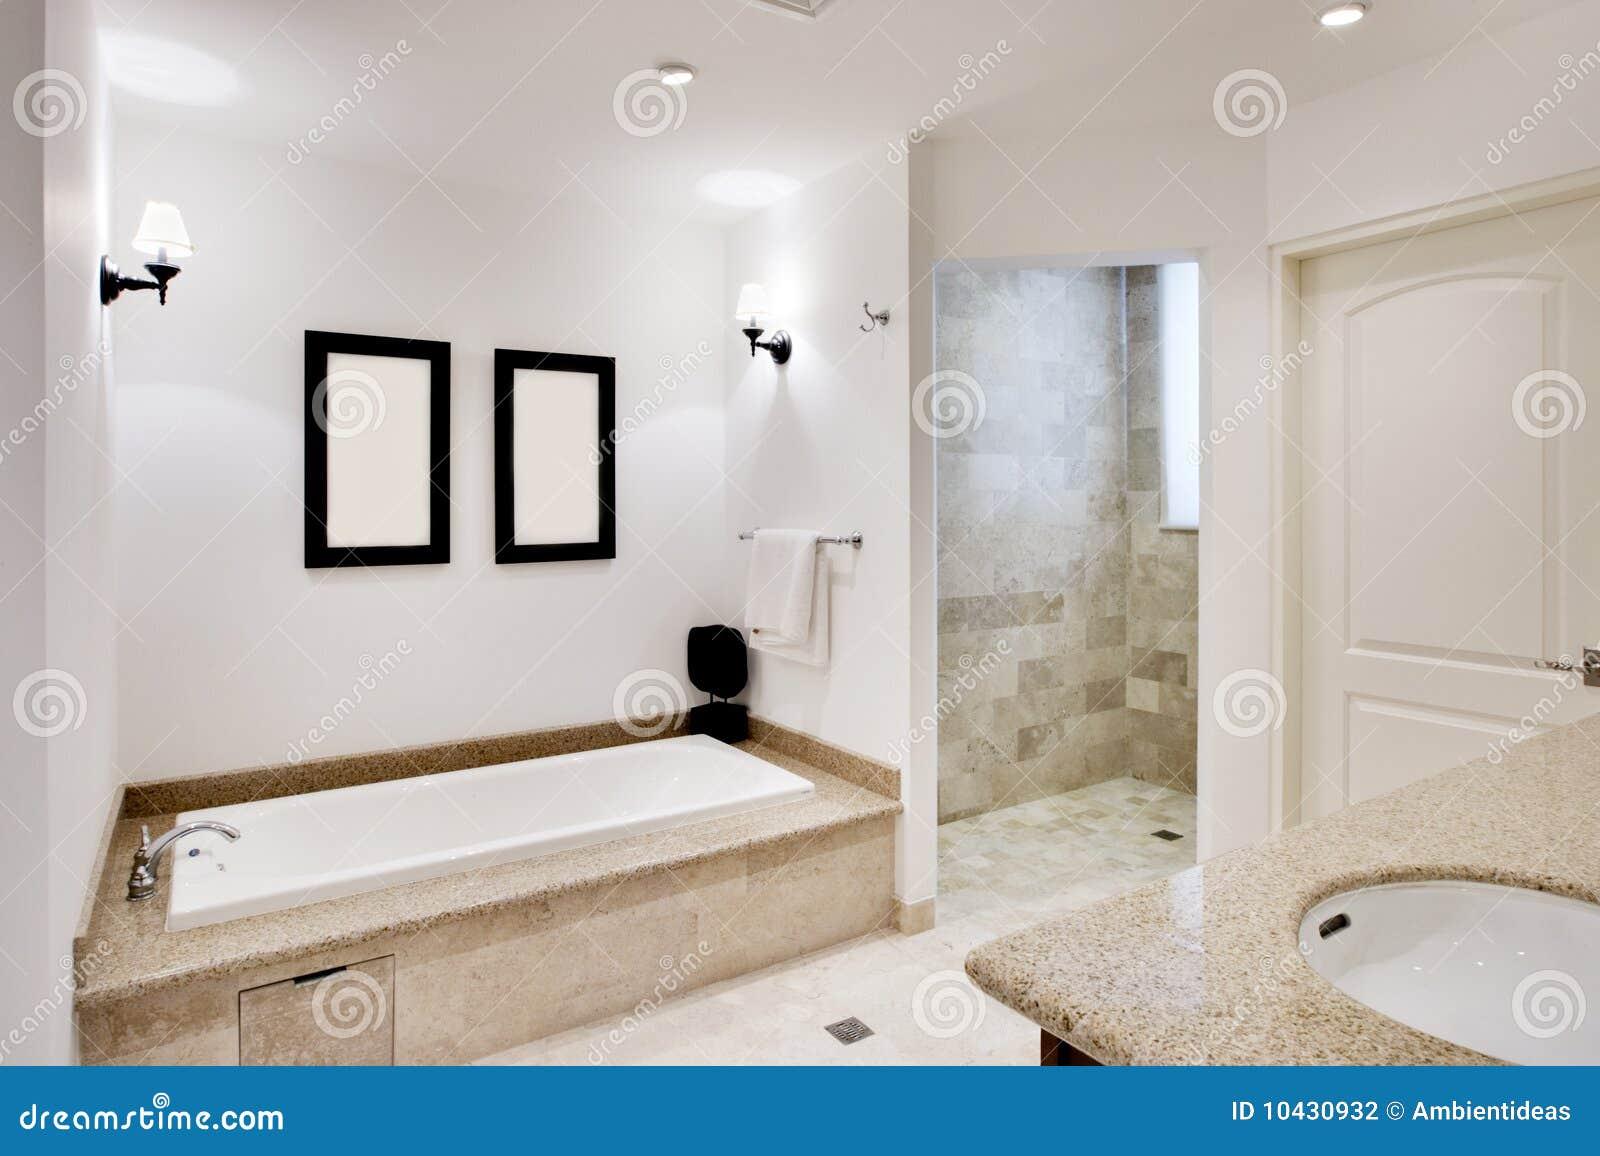 Cuarto de ba o con la tina y la ducha fotograf a de - Cuarto de bano con ducha ...